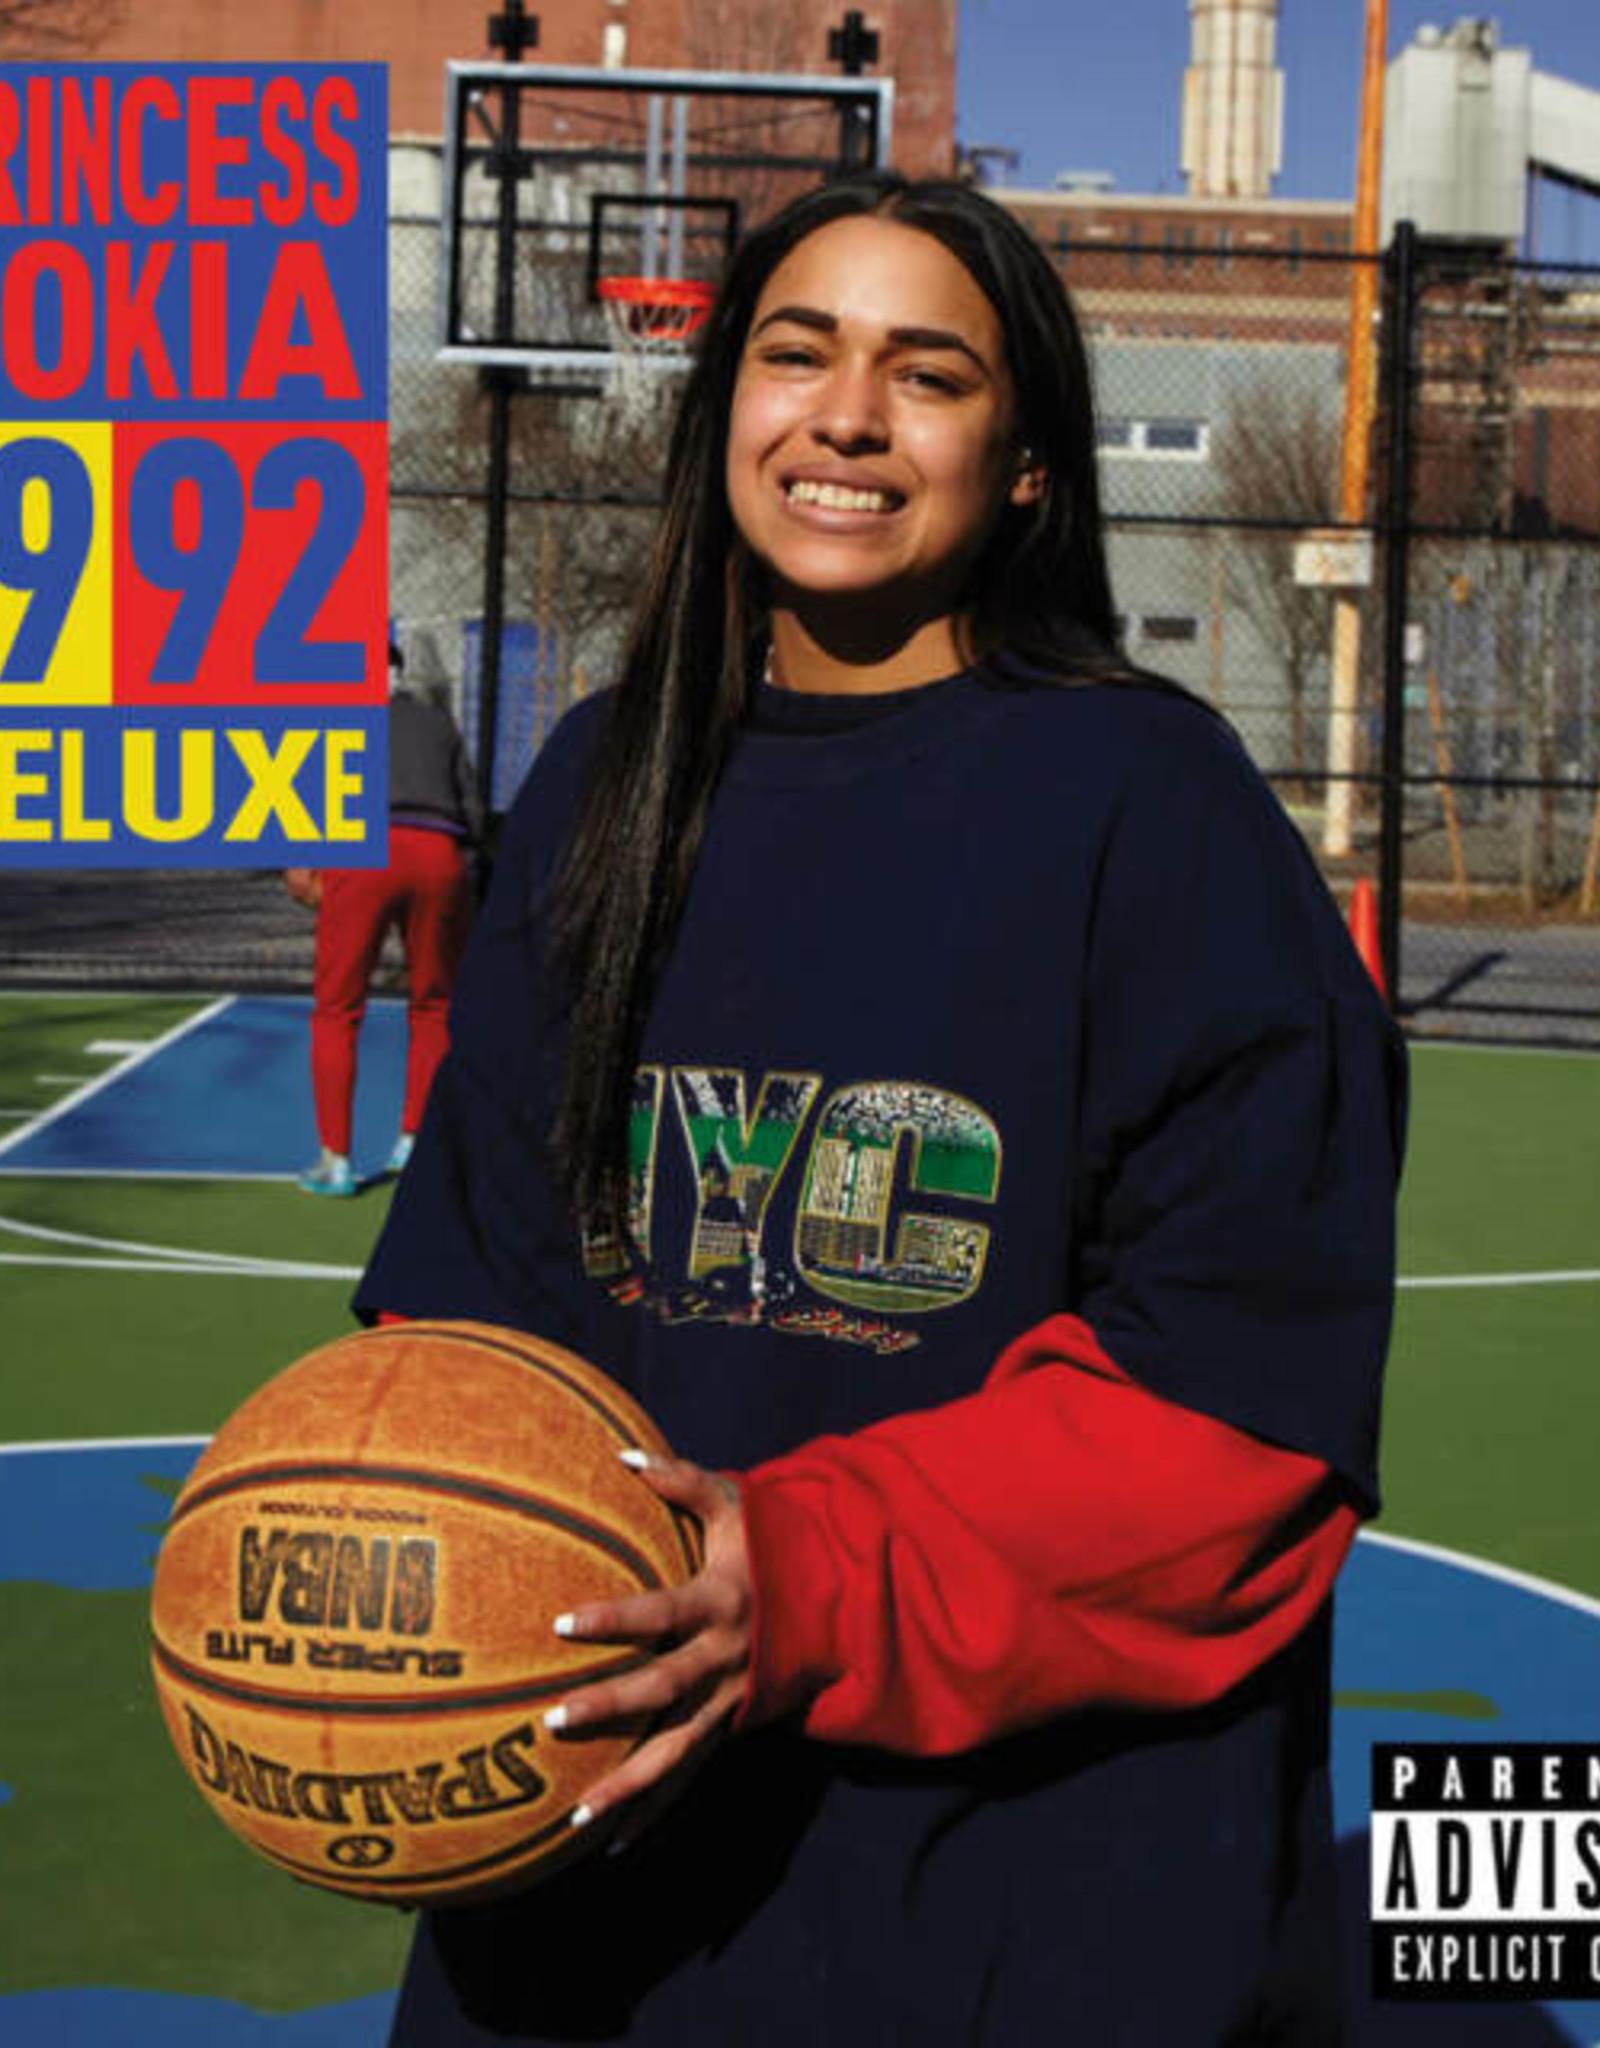 Princess Nokia - 1992 Deluxe